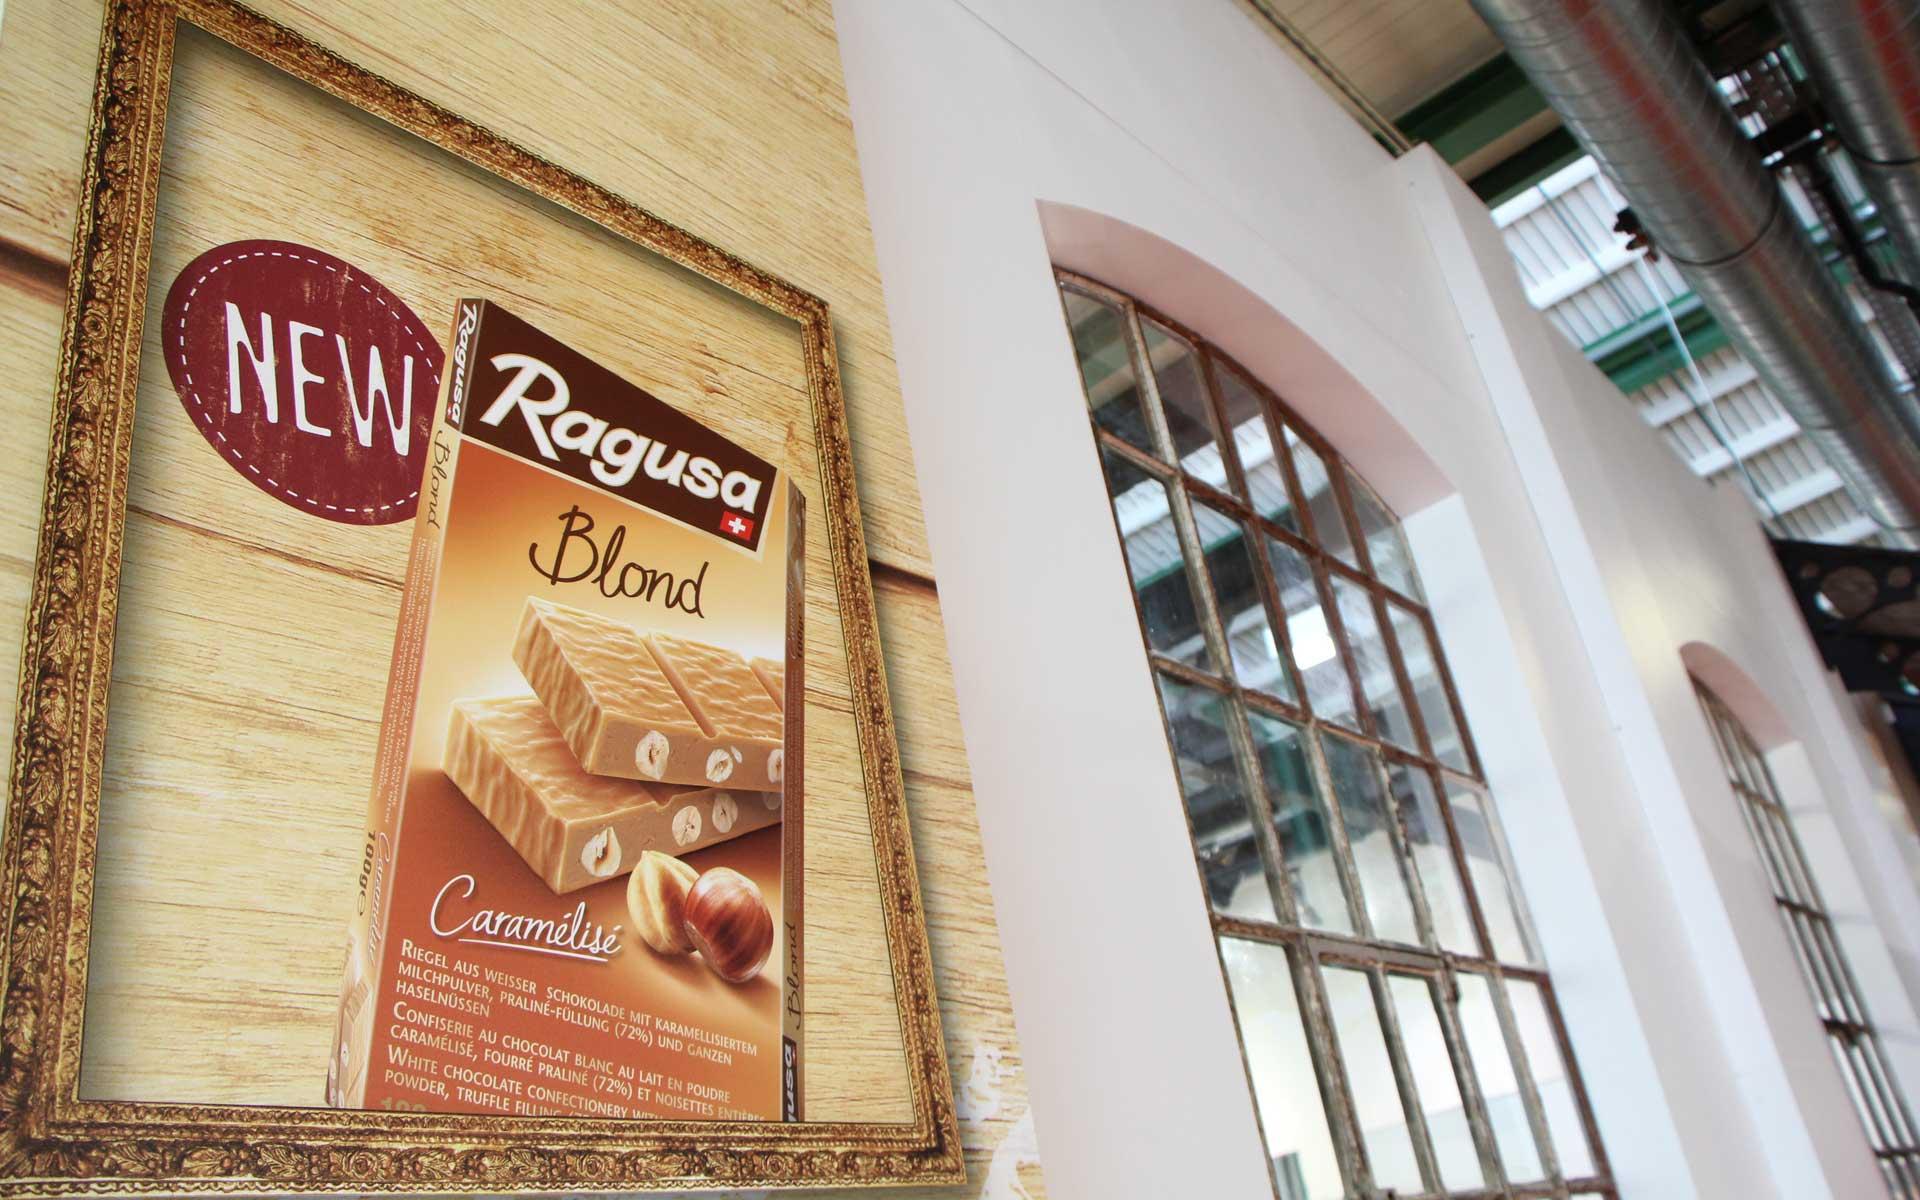 Ragusa Blond - Das neue Ragusa Blond rockt